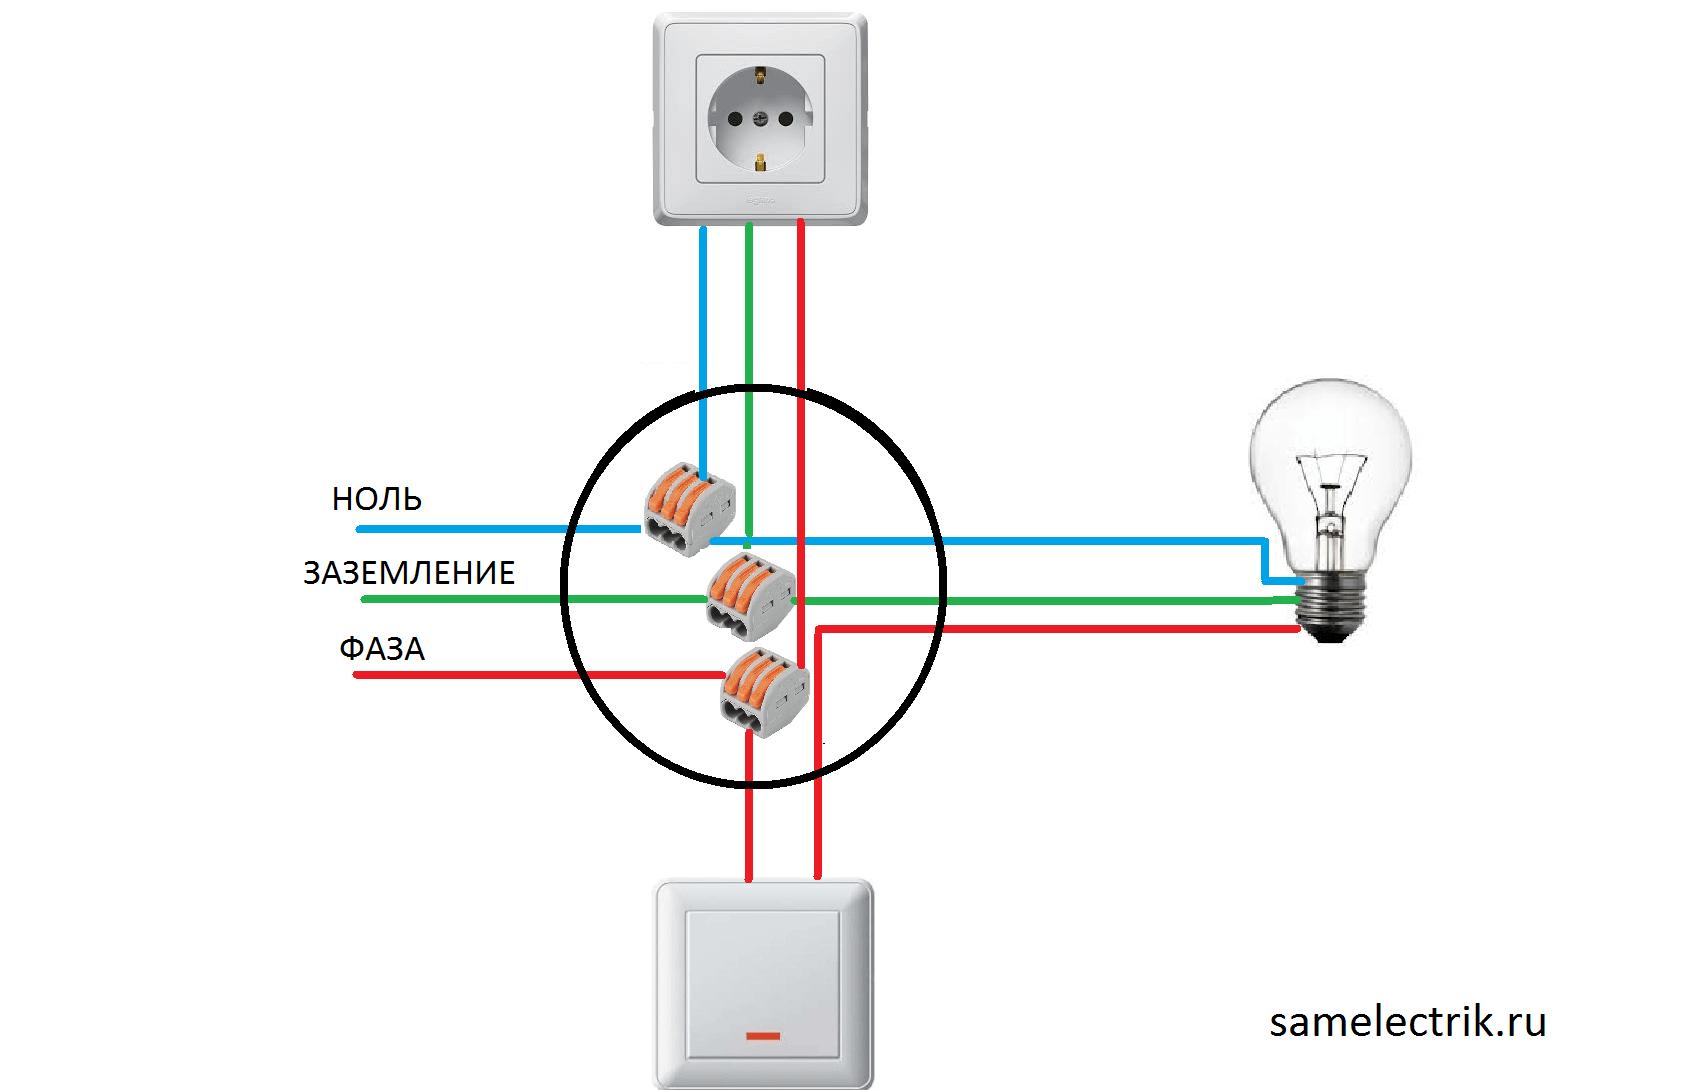 кабель ввгнг-ls 5х16 ту